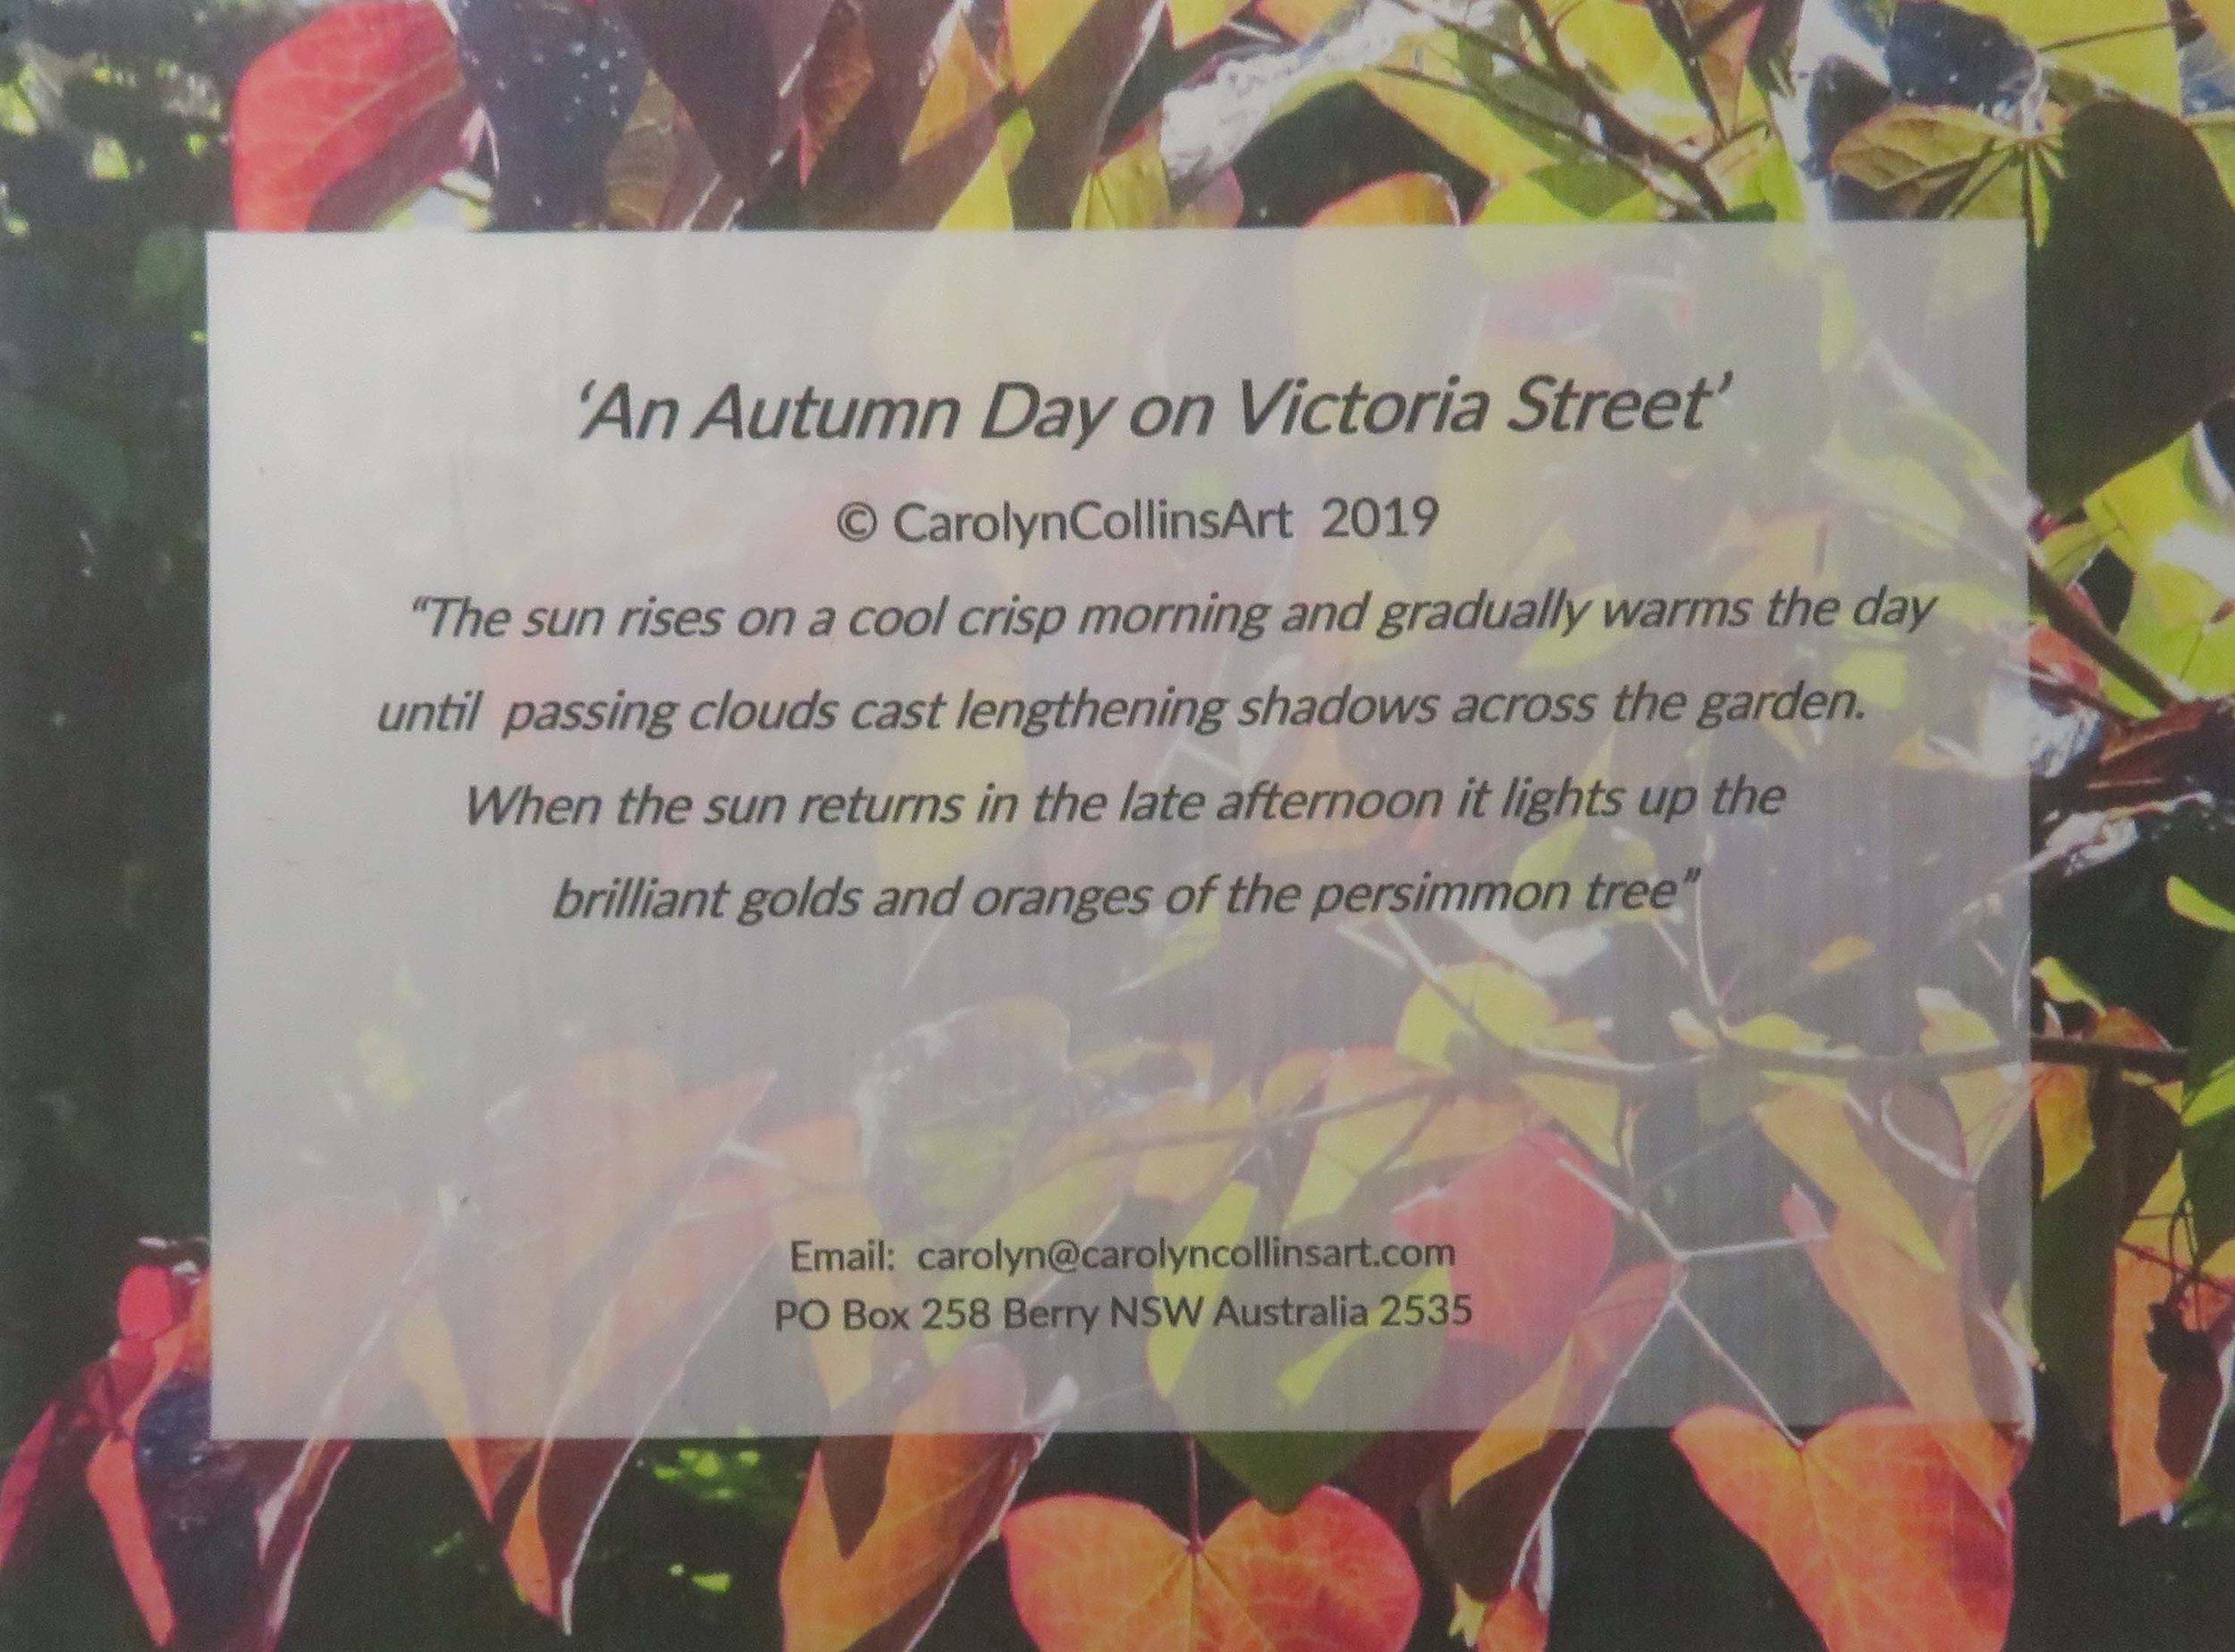 AutumnDayLabel.jpg